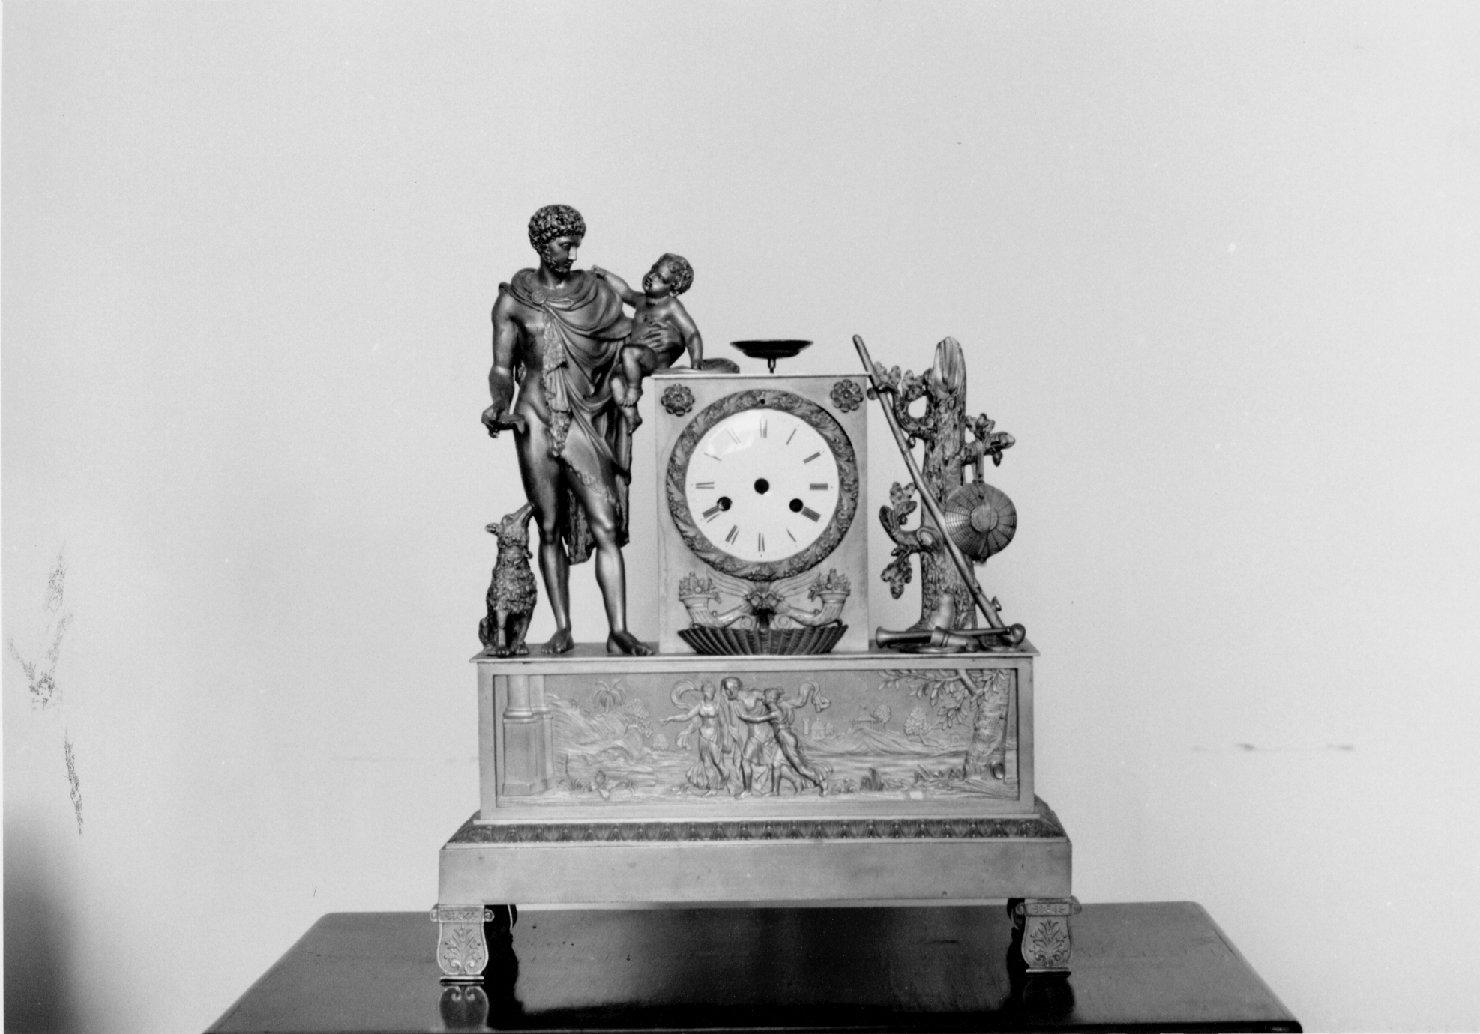 orologio, opera isolata - manifattura francese (primo quarto sec. XIX)